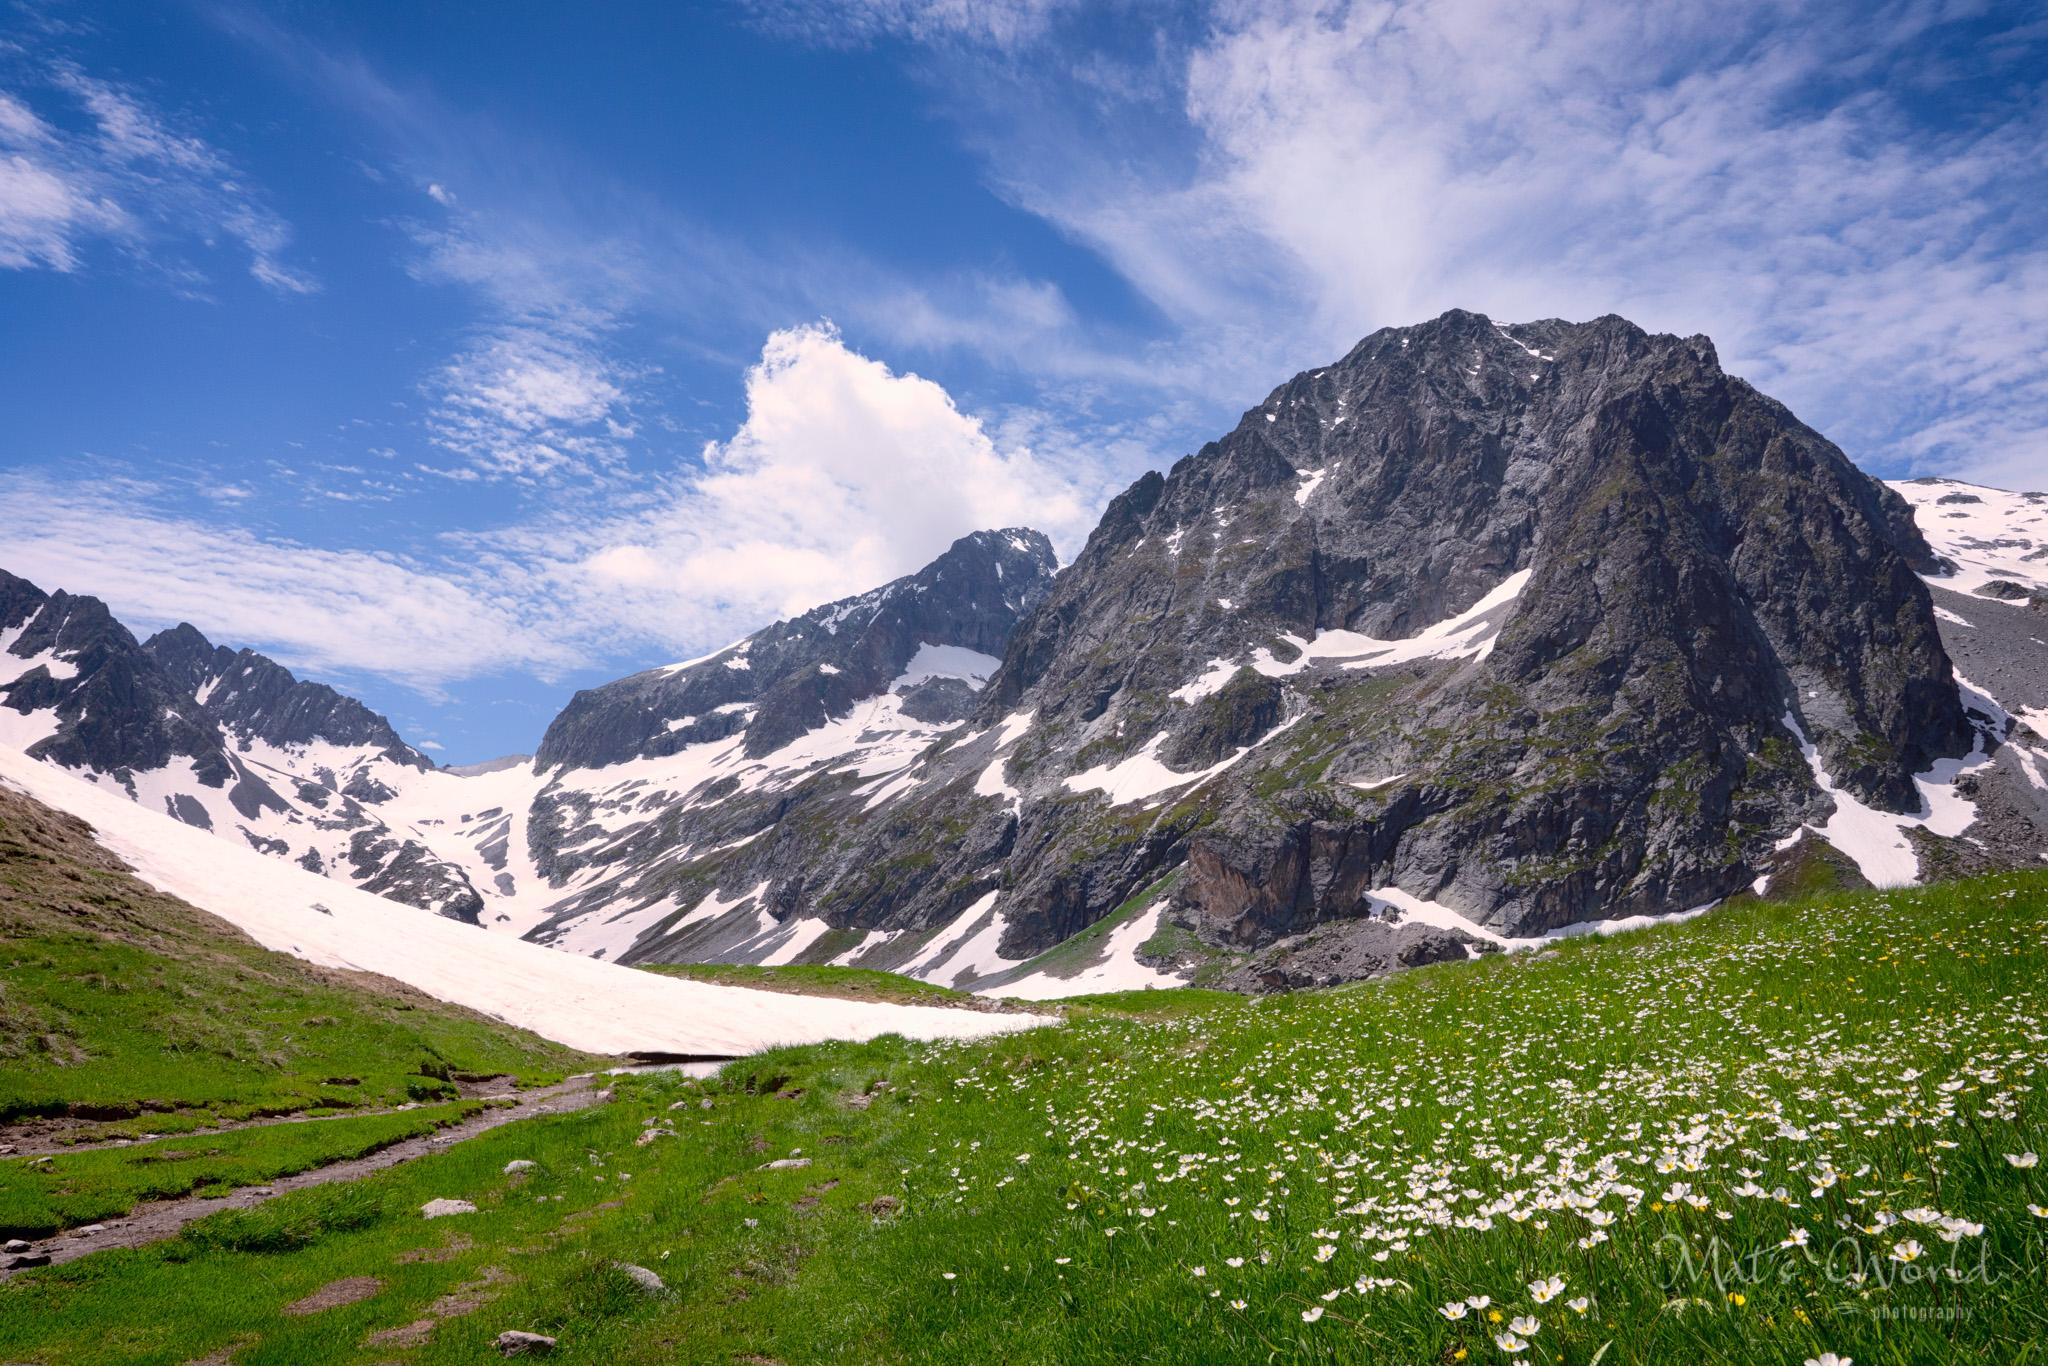 Alpine meadow in all its beauty.